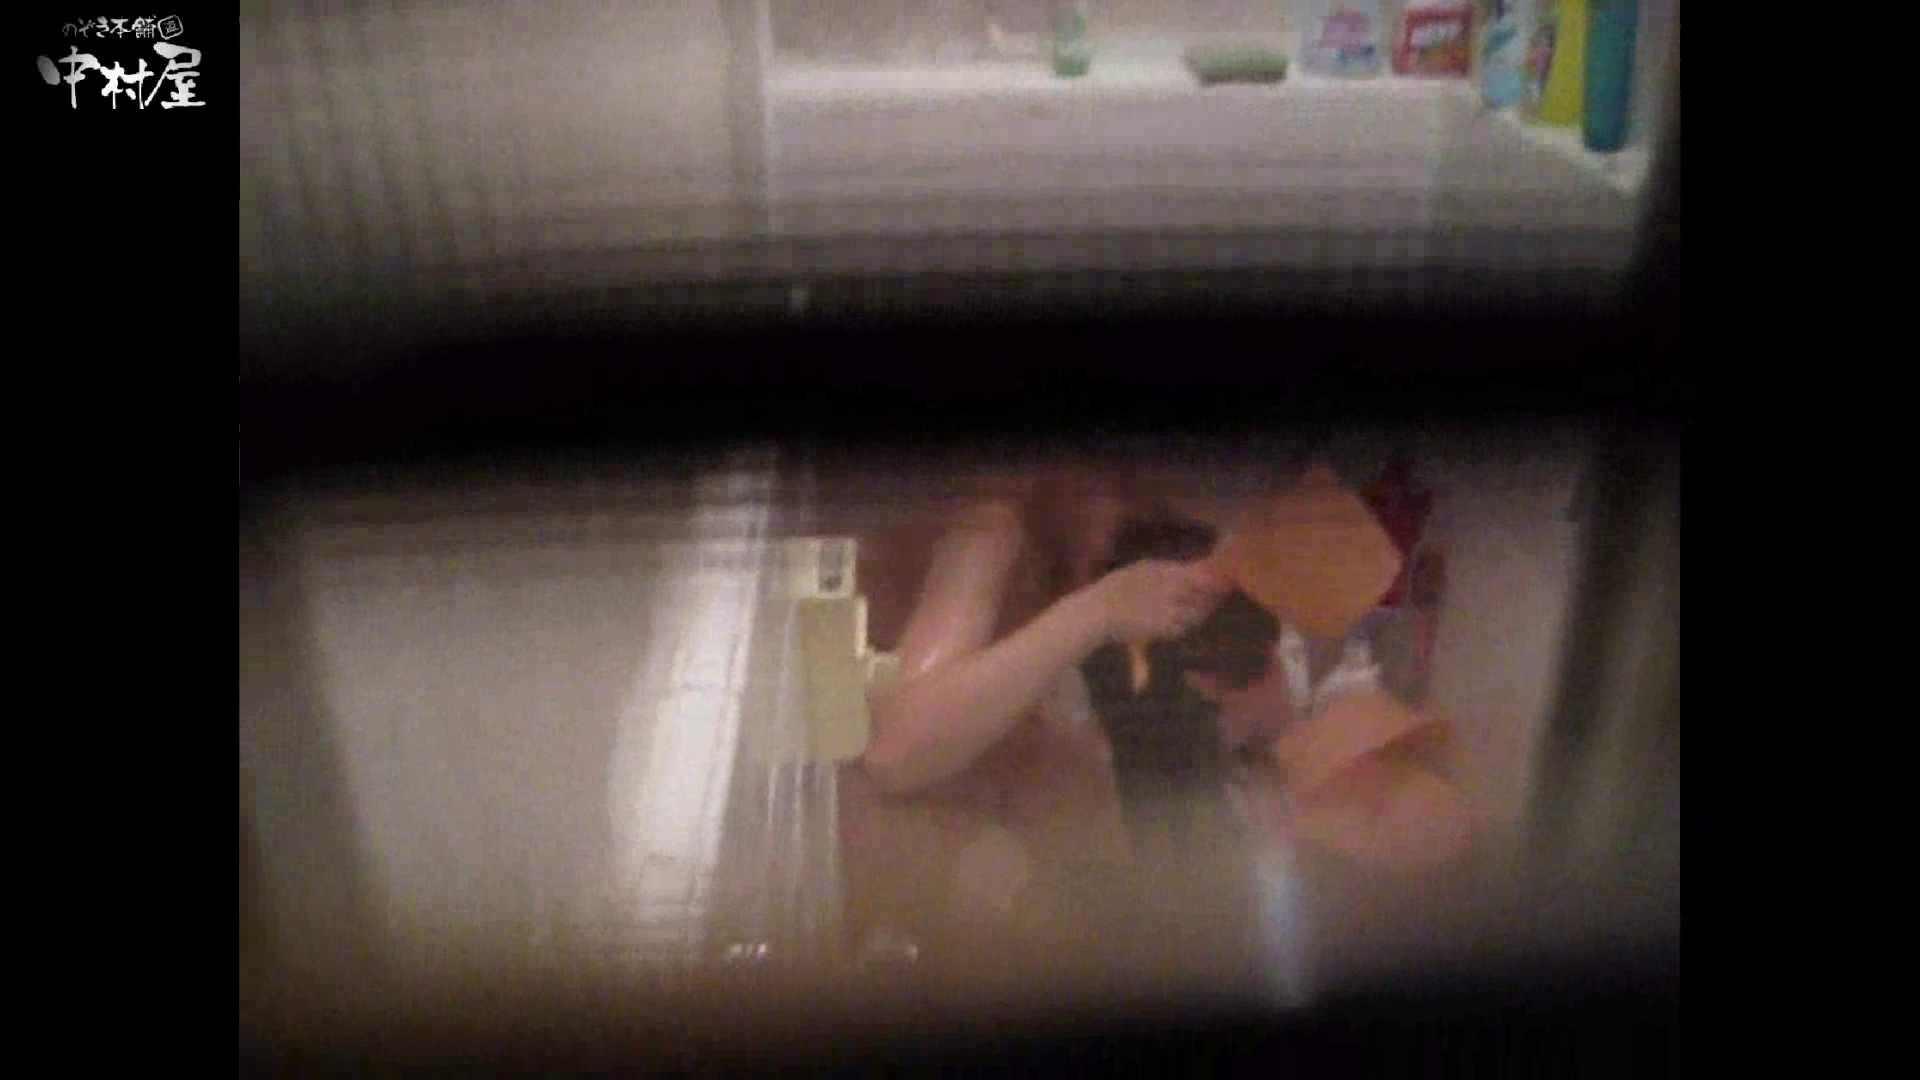 民家風呂専門盗撮師の超危険映像 vol.017 民家 オマンコ無修正動画無料 69連発 41